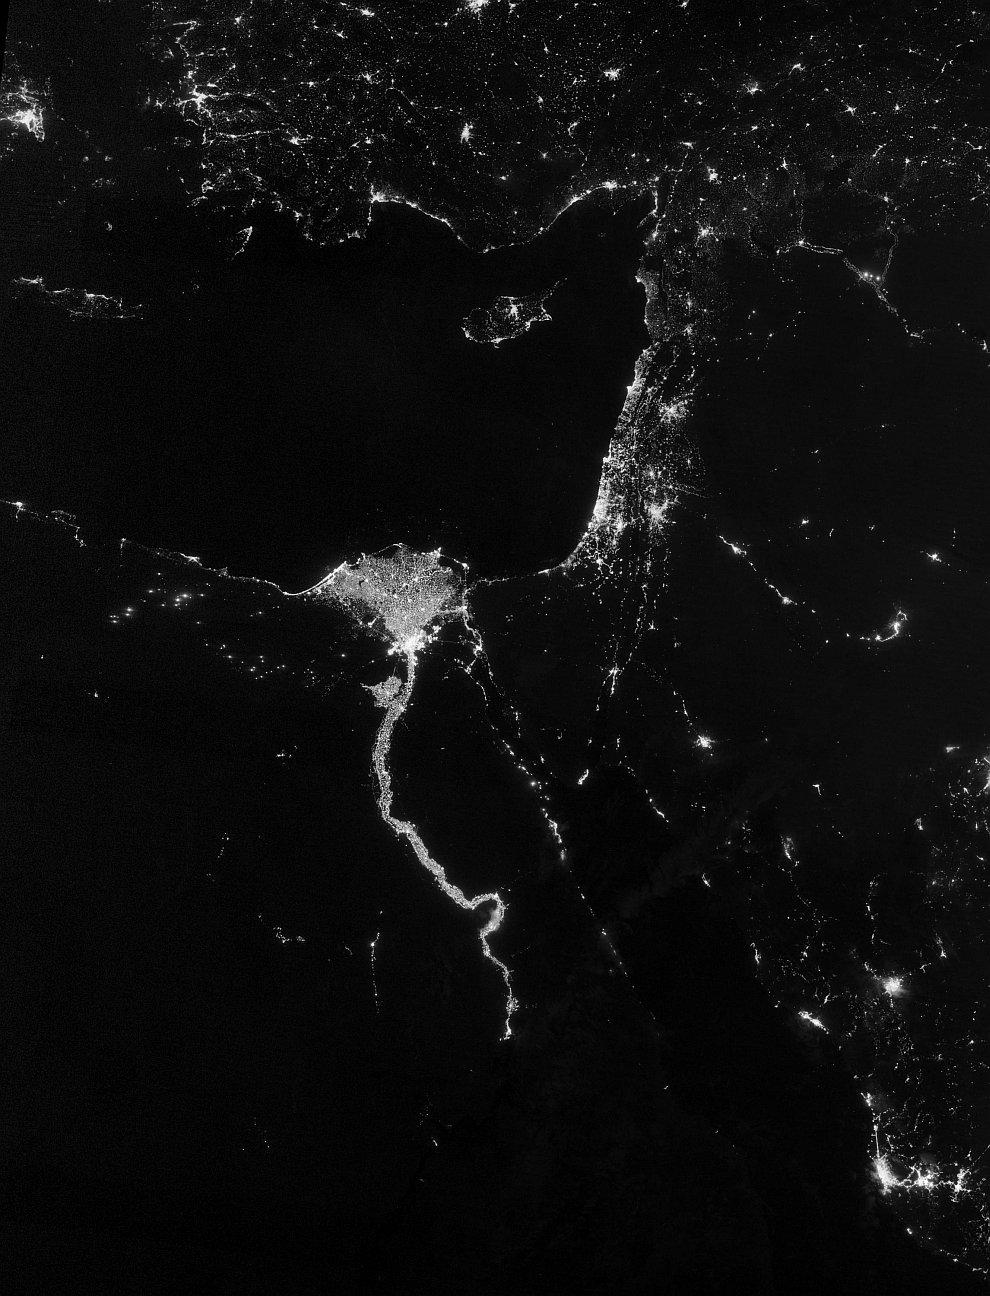 Река Нил в Африке, одна из двух величайших по протяжённости рек в мире